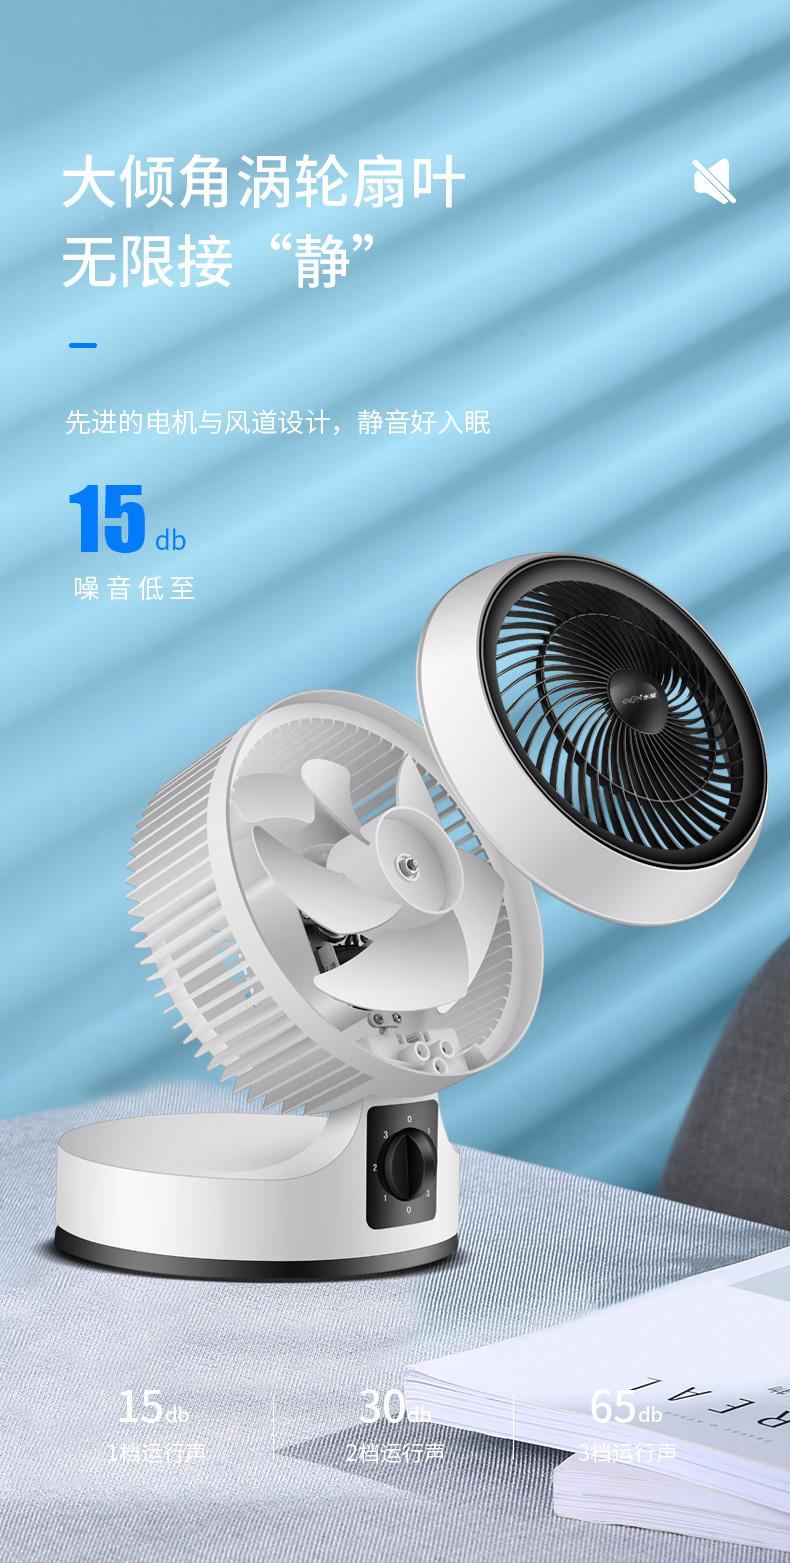 水星 空气循环扇 3D涡轮聚风 图5